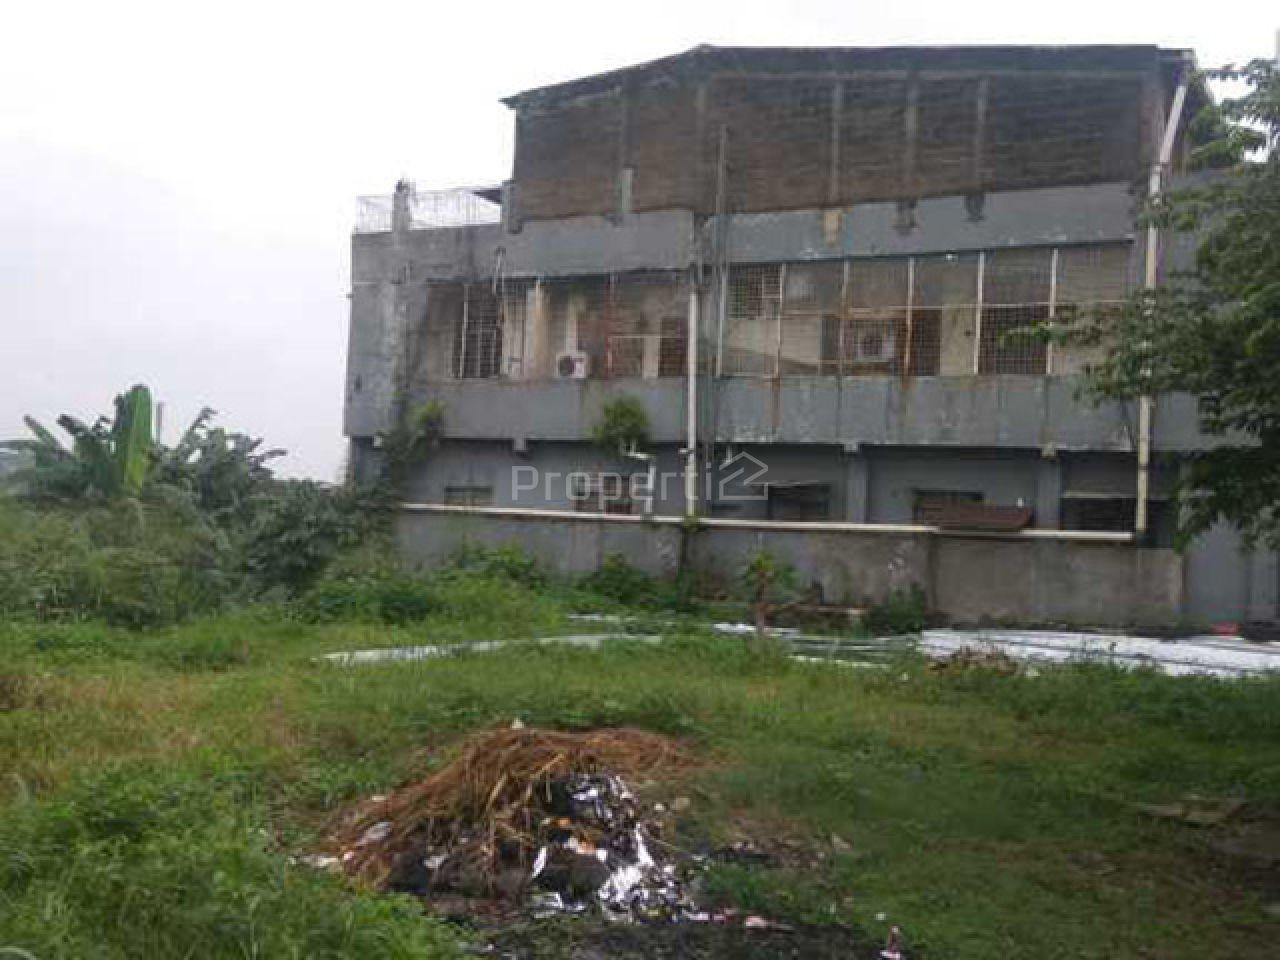 Commercial Land in Cibinong, Kab. Bogor